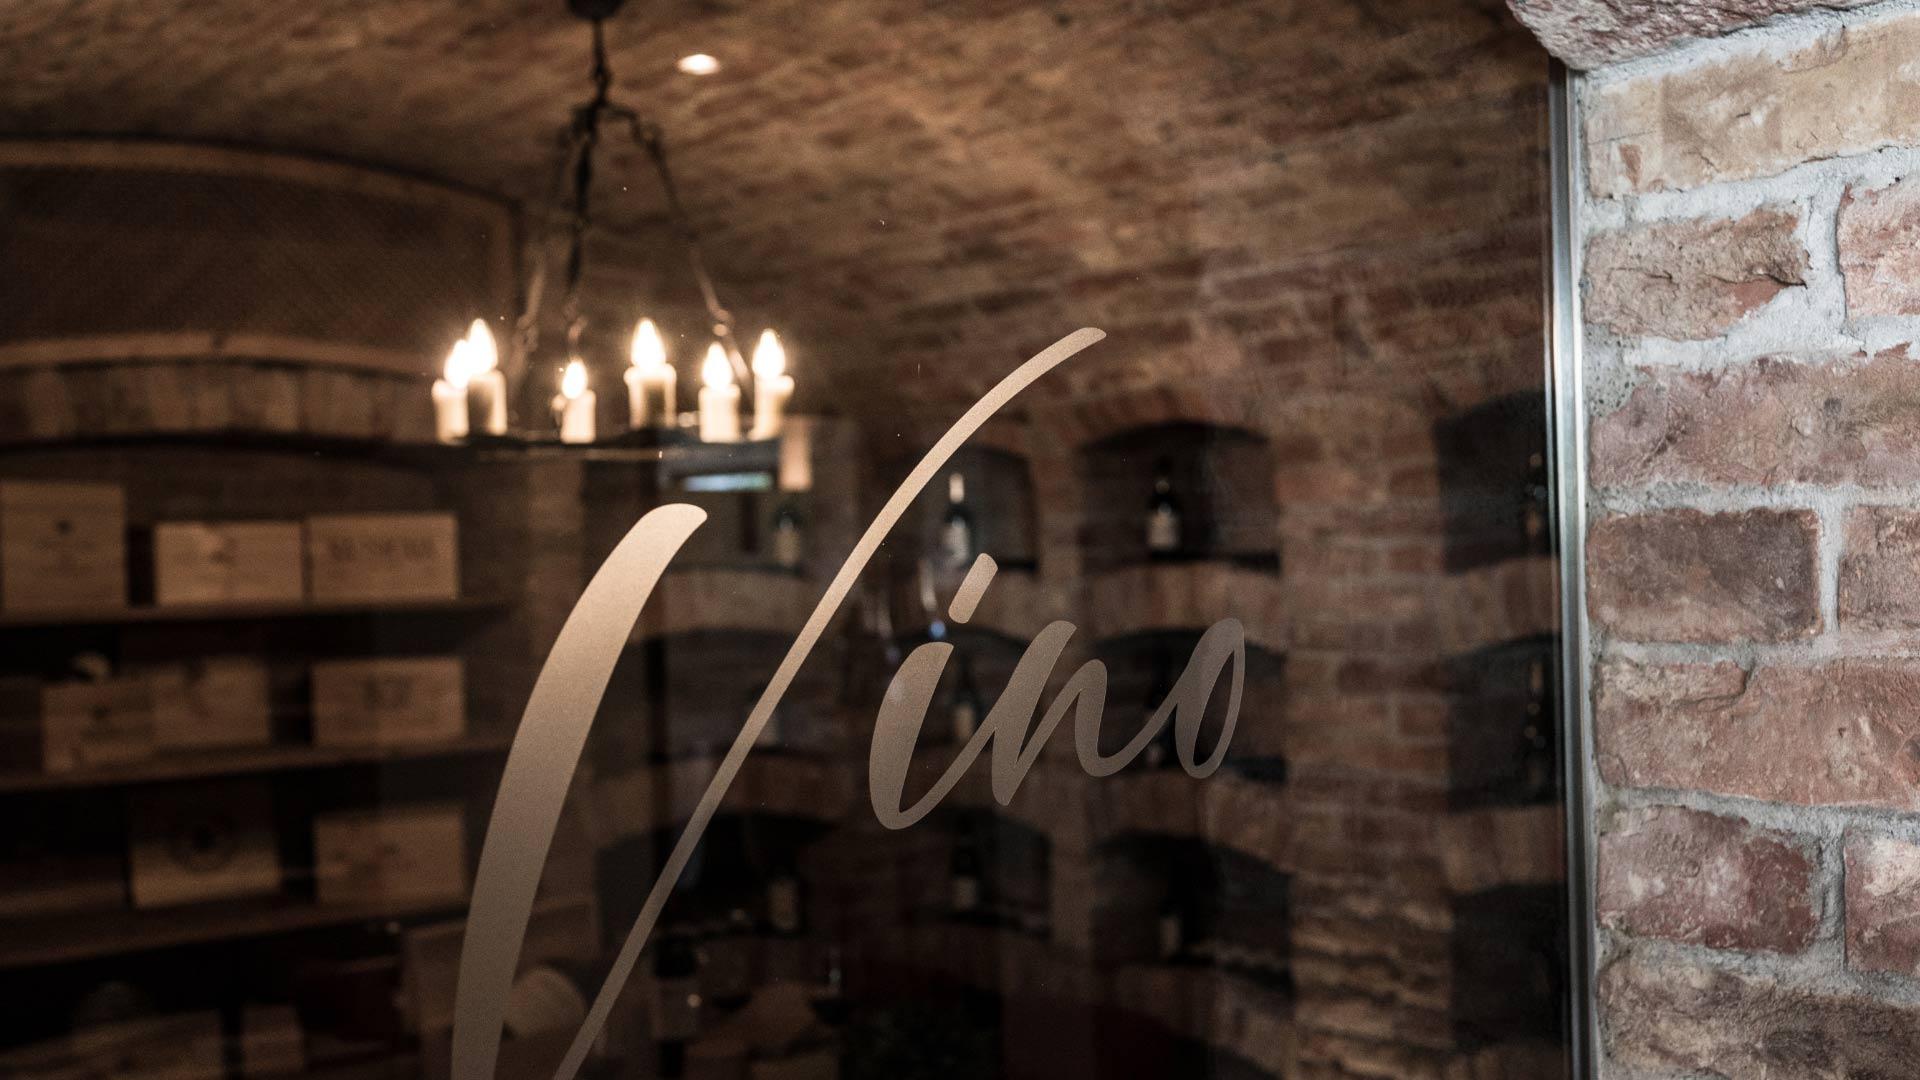 Glasscheibe mit der Aufschrift Vino vor einem Weinkeller